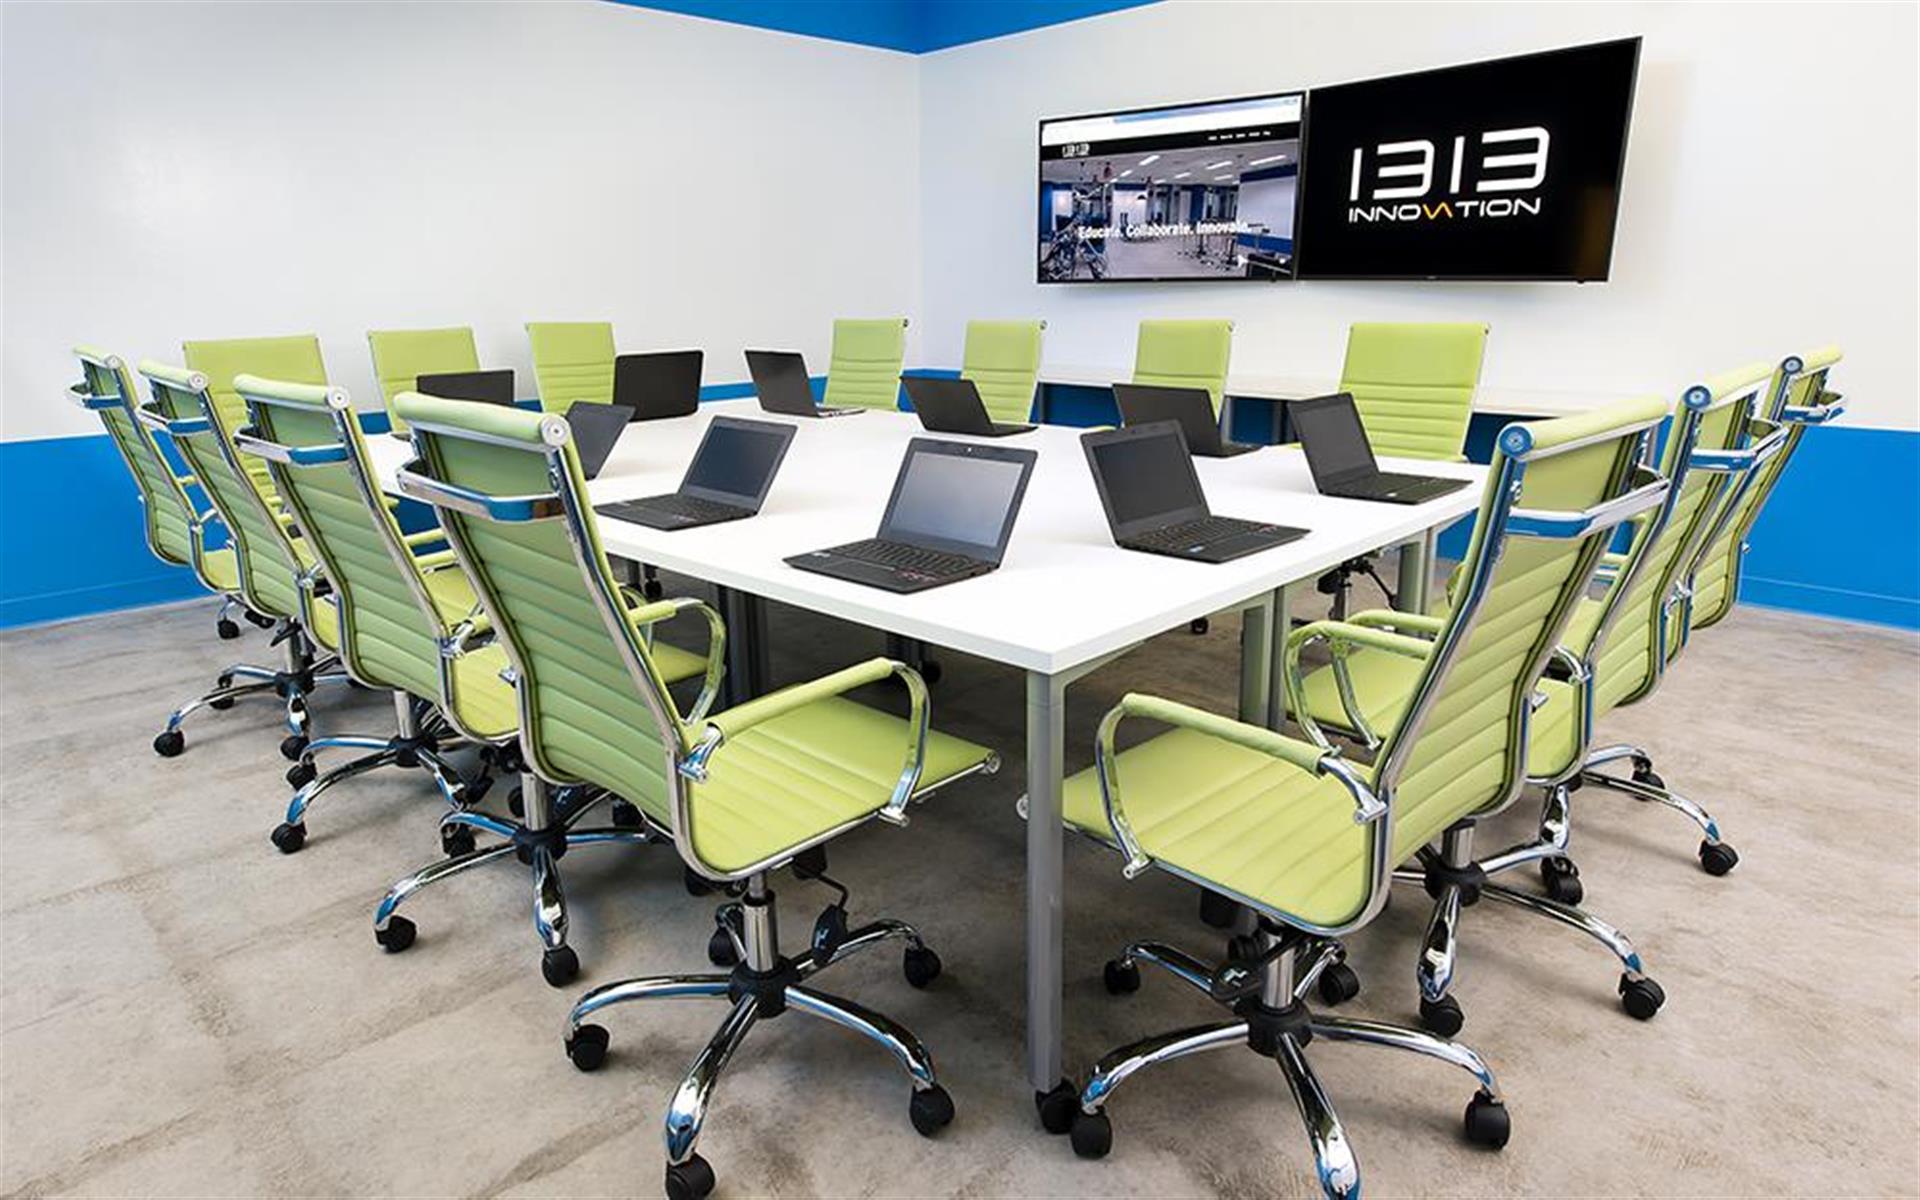 1313 Innovation - Training room - Smart TV